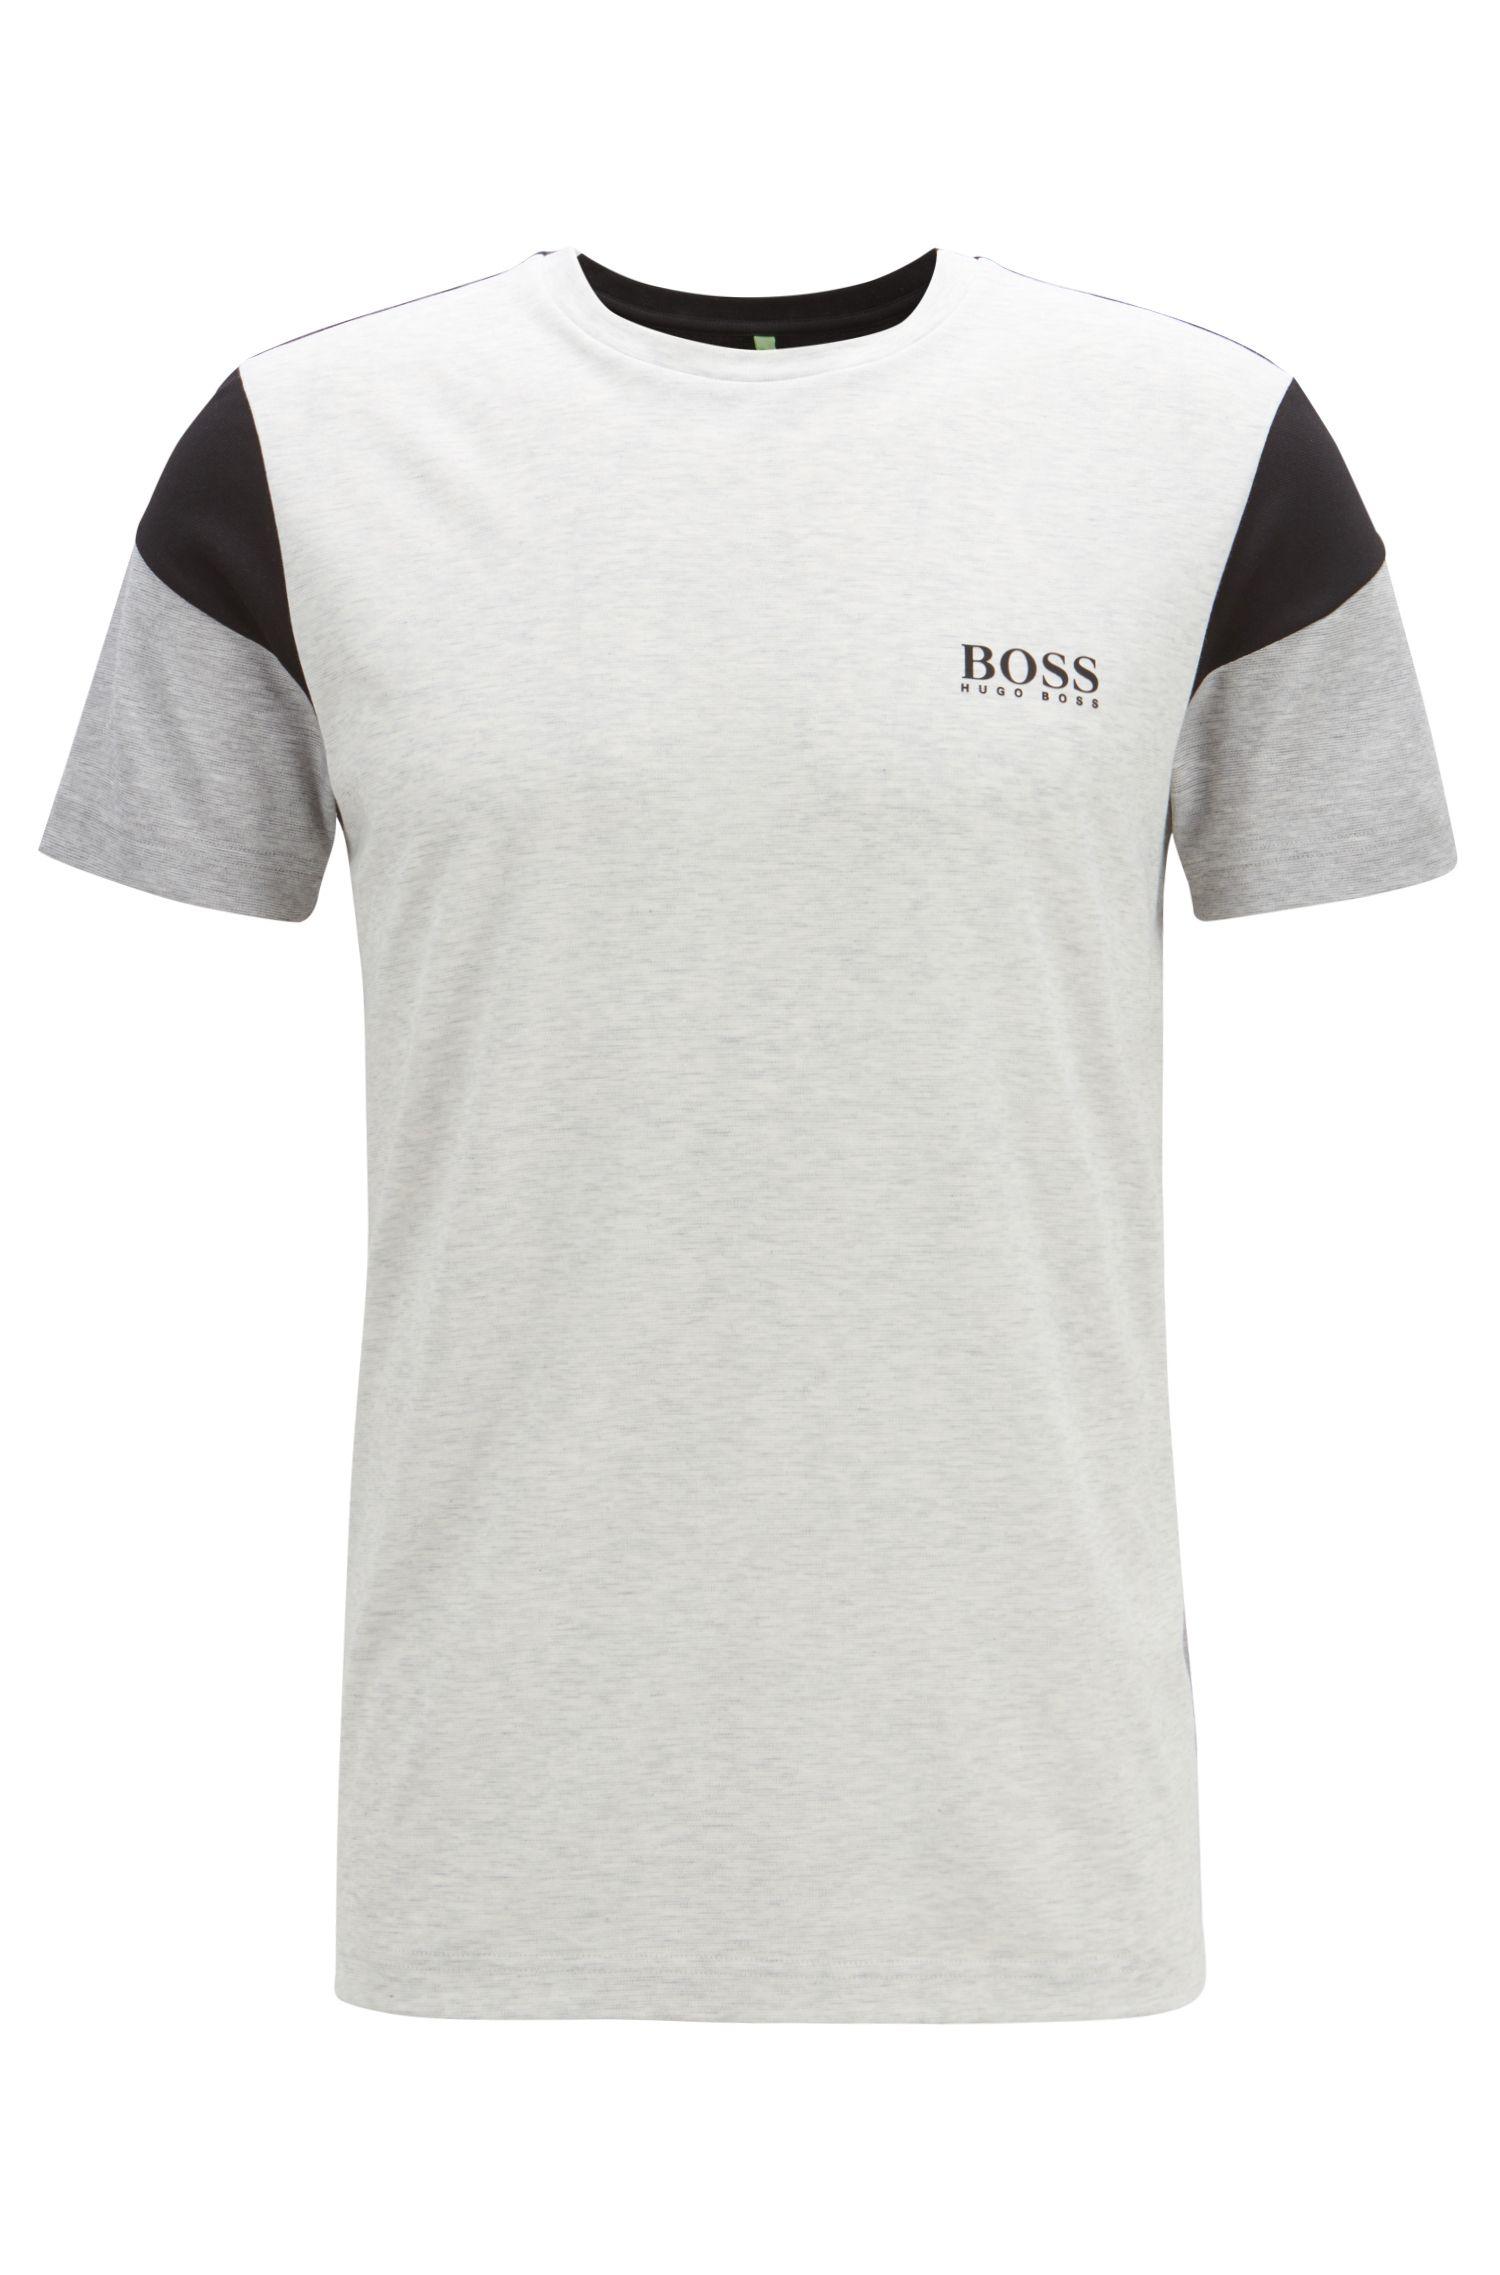 T-shirt Slim Fit en coton mélangé aux propriétés anti-humidité, Gris chiné